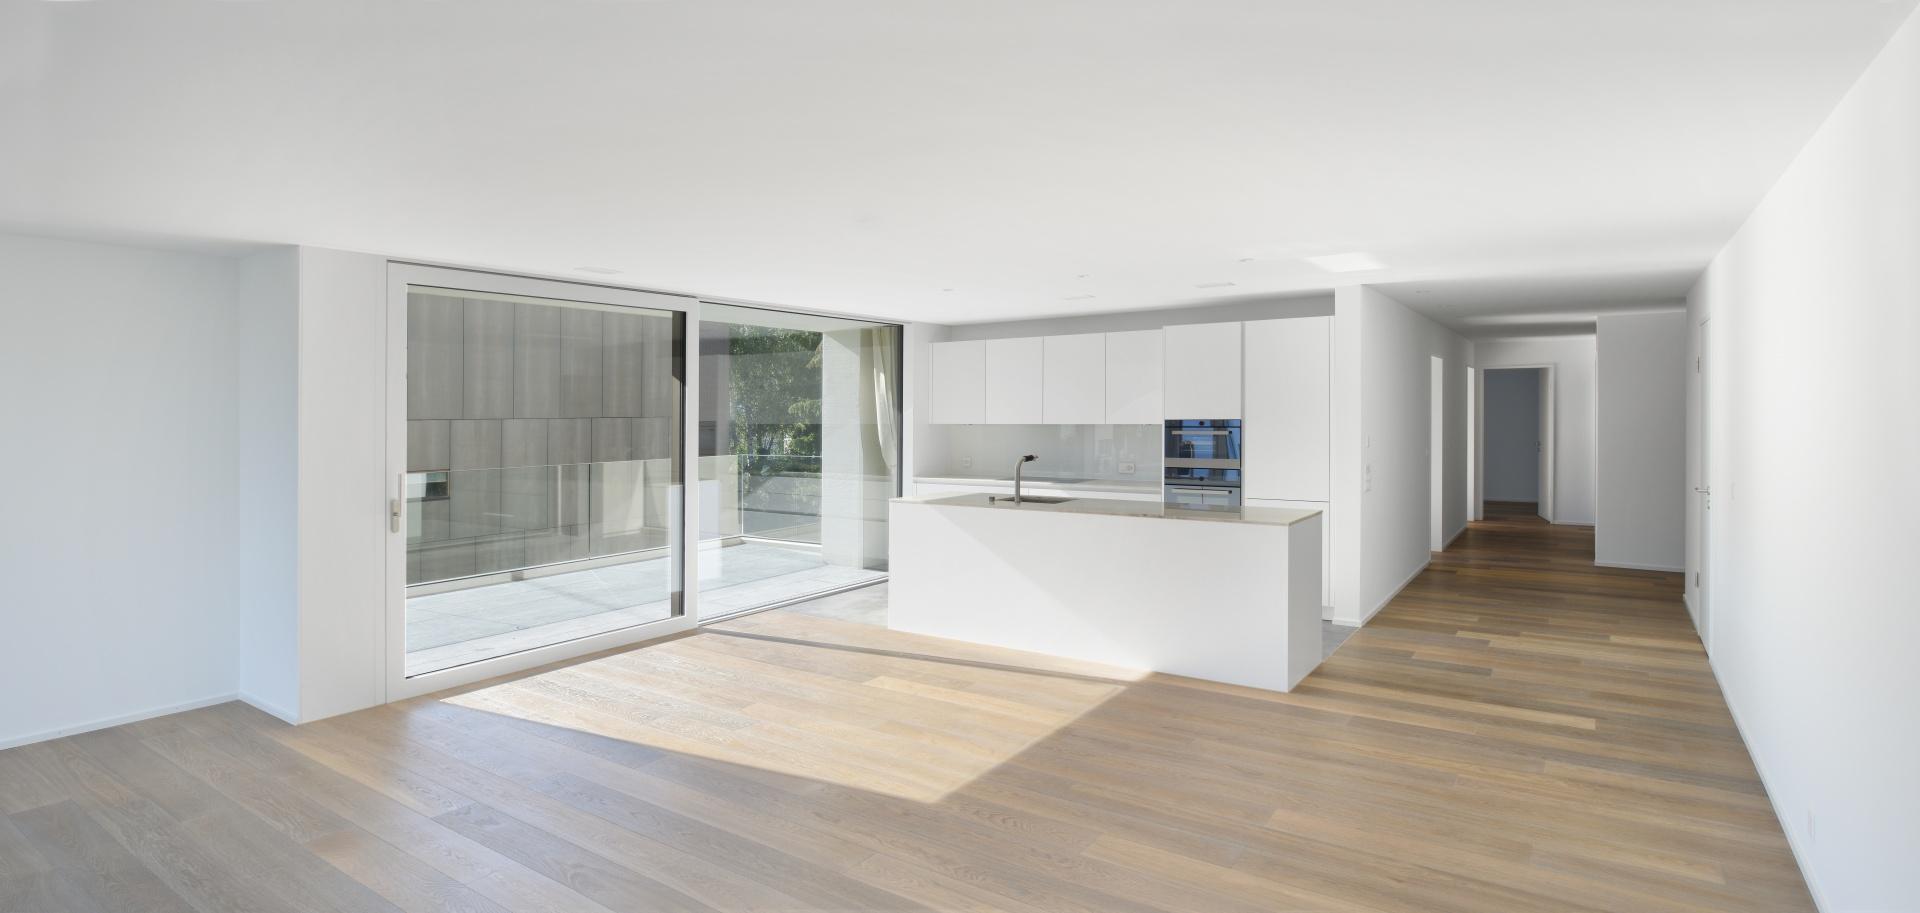 KÜCHE_ESSEN WHG.6 © Daluz Gonzalez Architekten